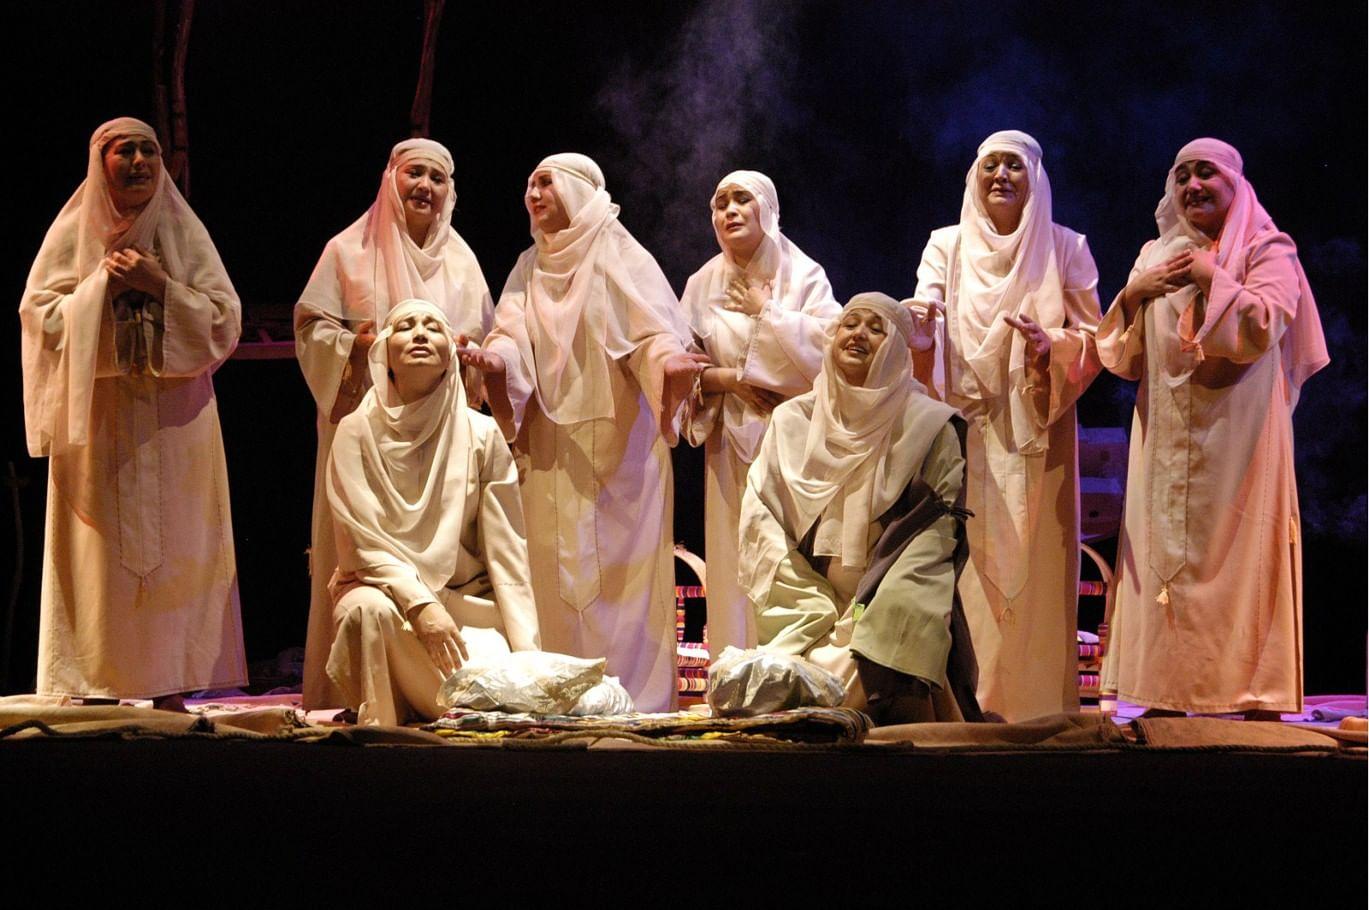 Международный театральный фестиваль современной драматургии имени Александра Вампилова